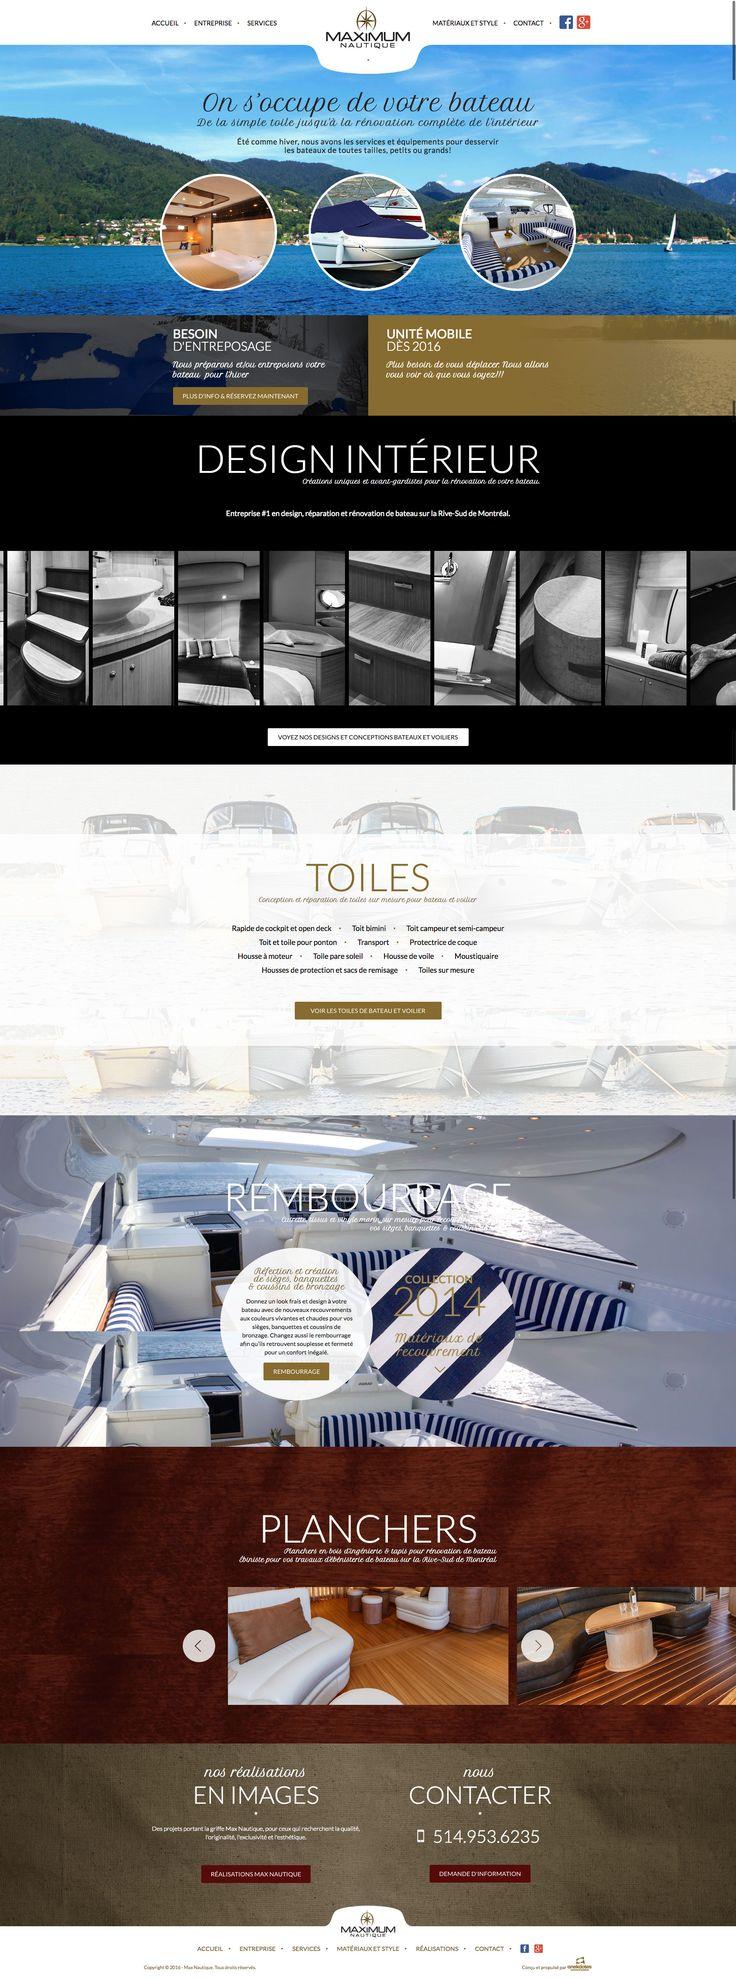 Nos Réalisations: Nouveau site web de Max Nautique, entreposage et entretien de bateau #webdesign #bâteau #entreposage